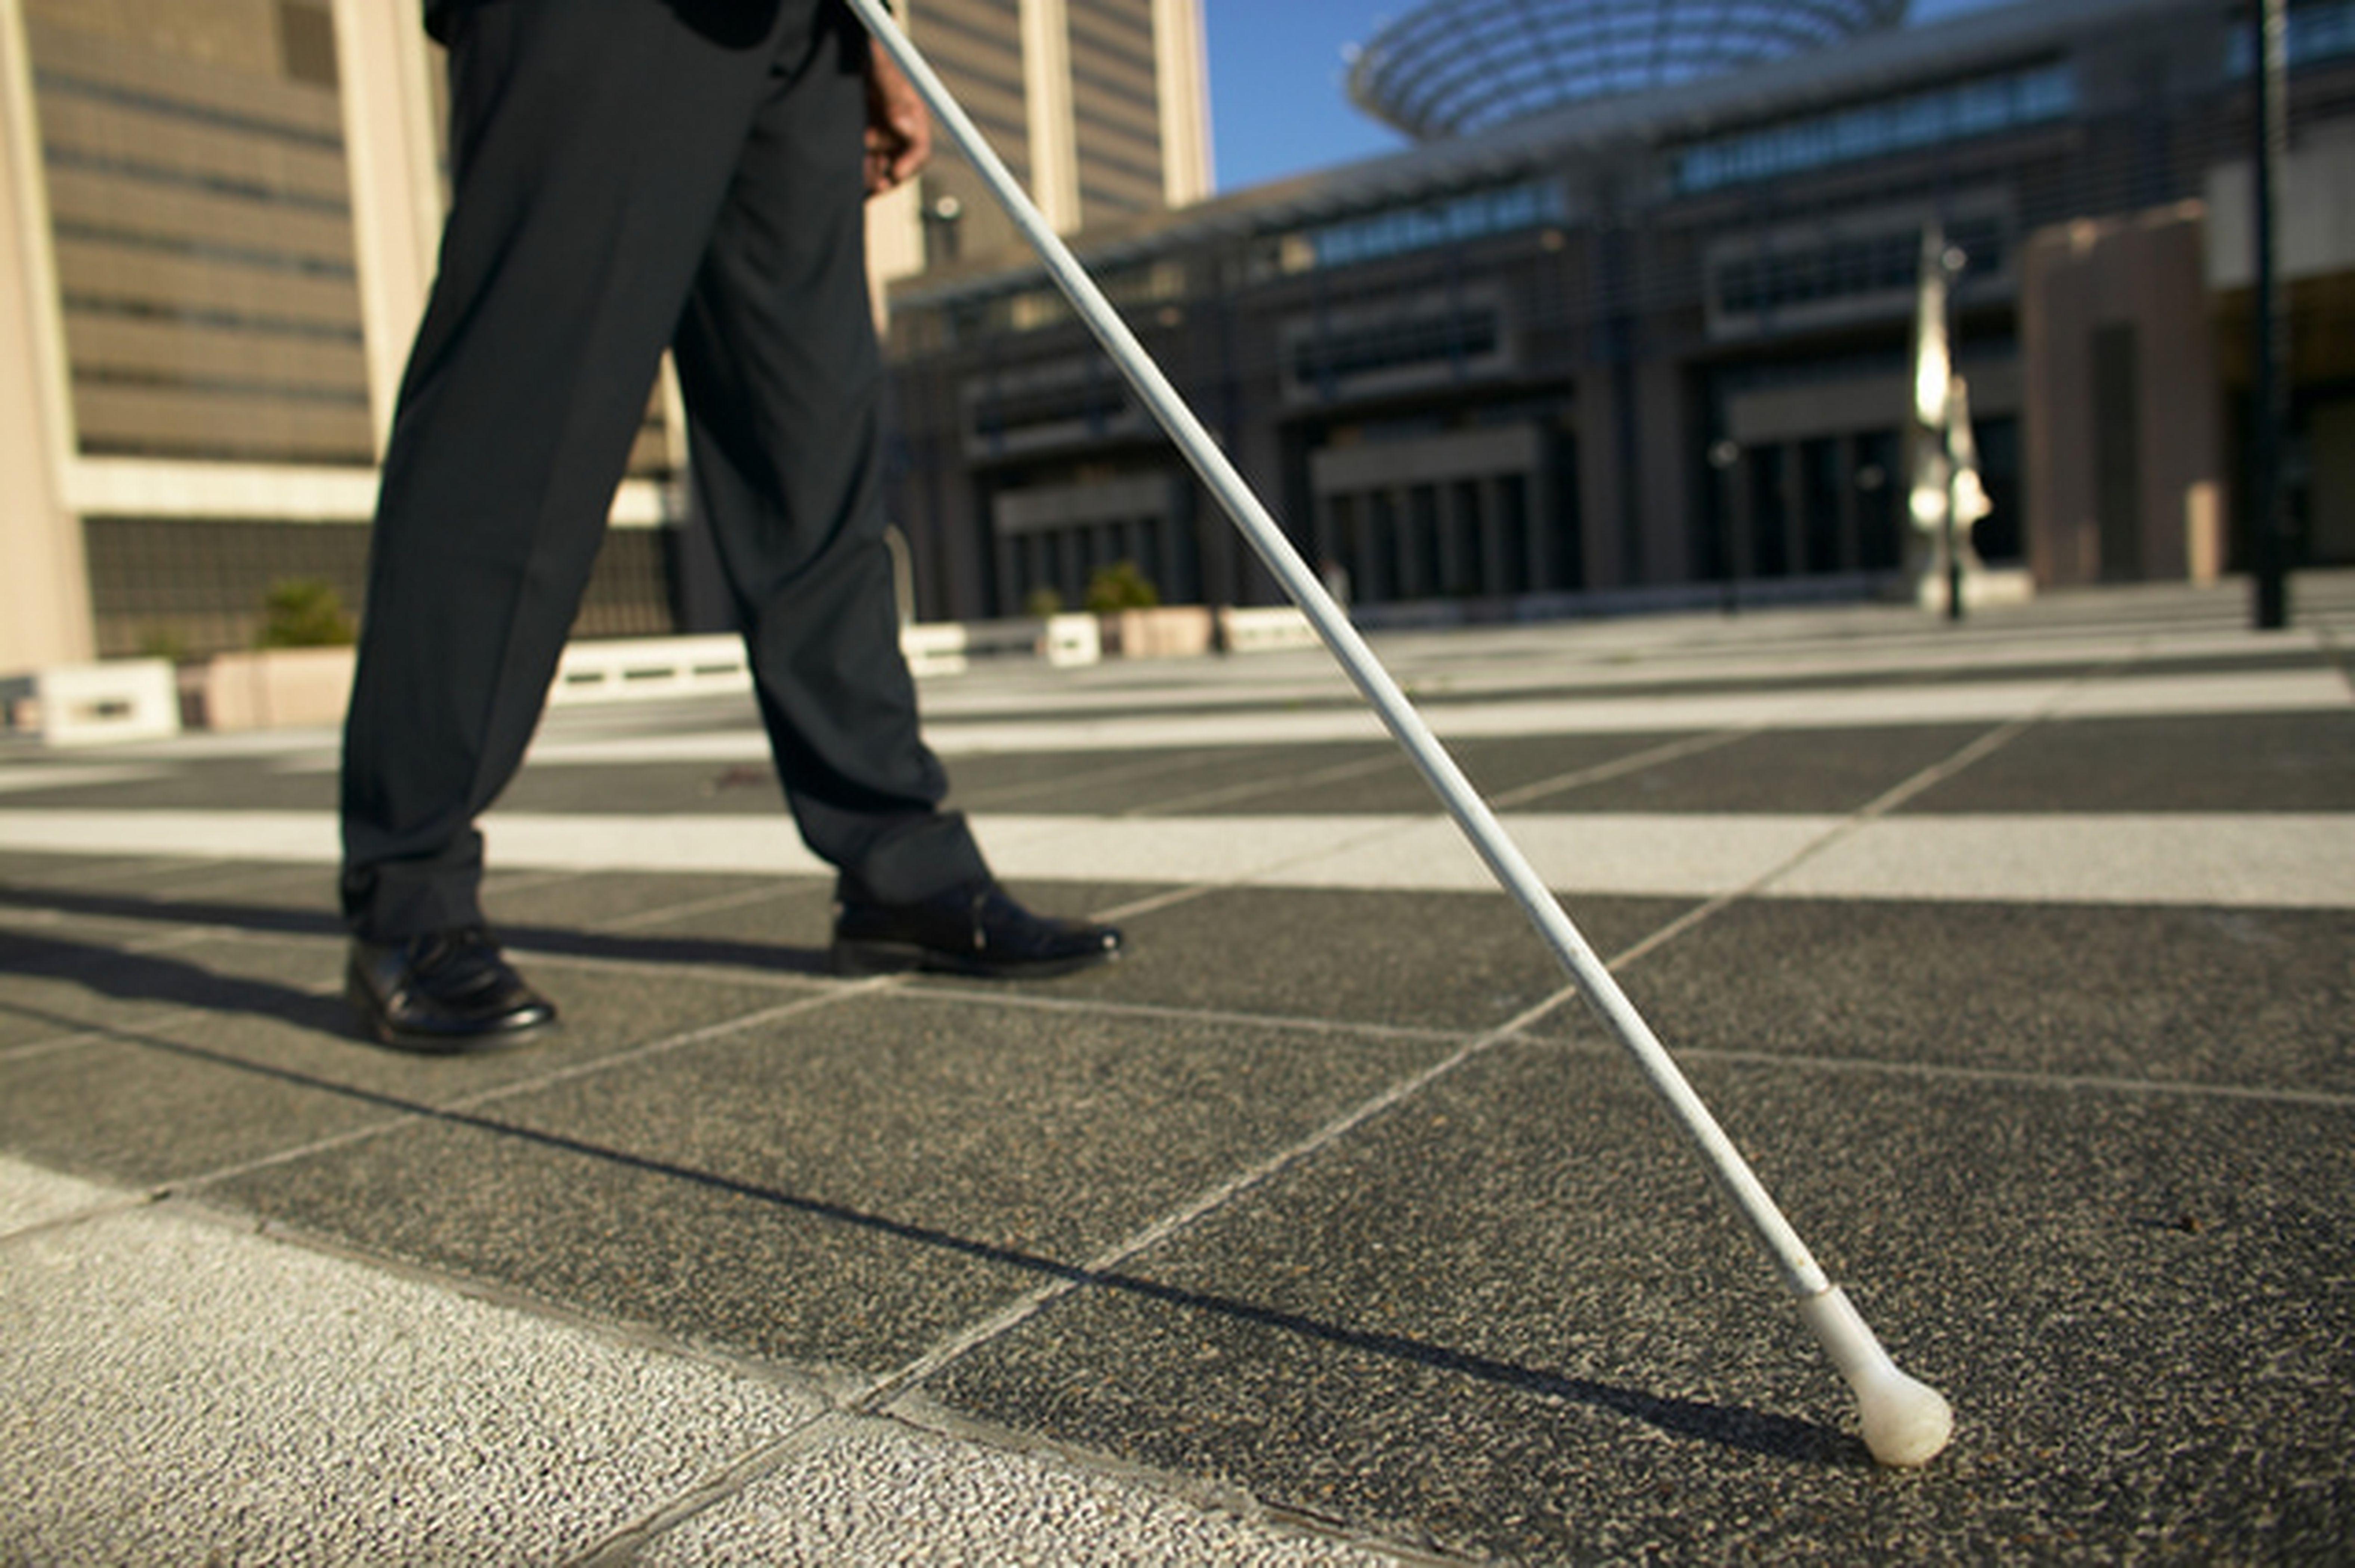 Se poate construi cladiri speciale pentru persoanele cu deficiențe de vedere?